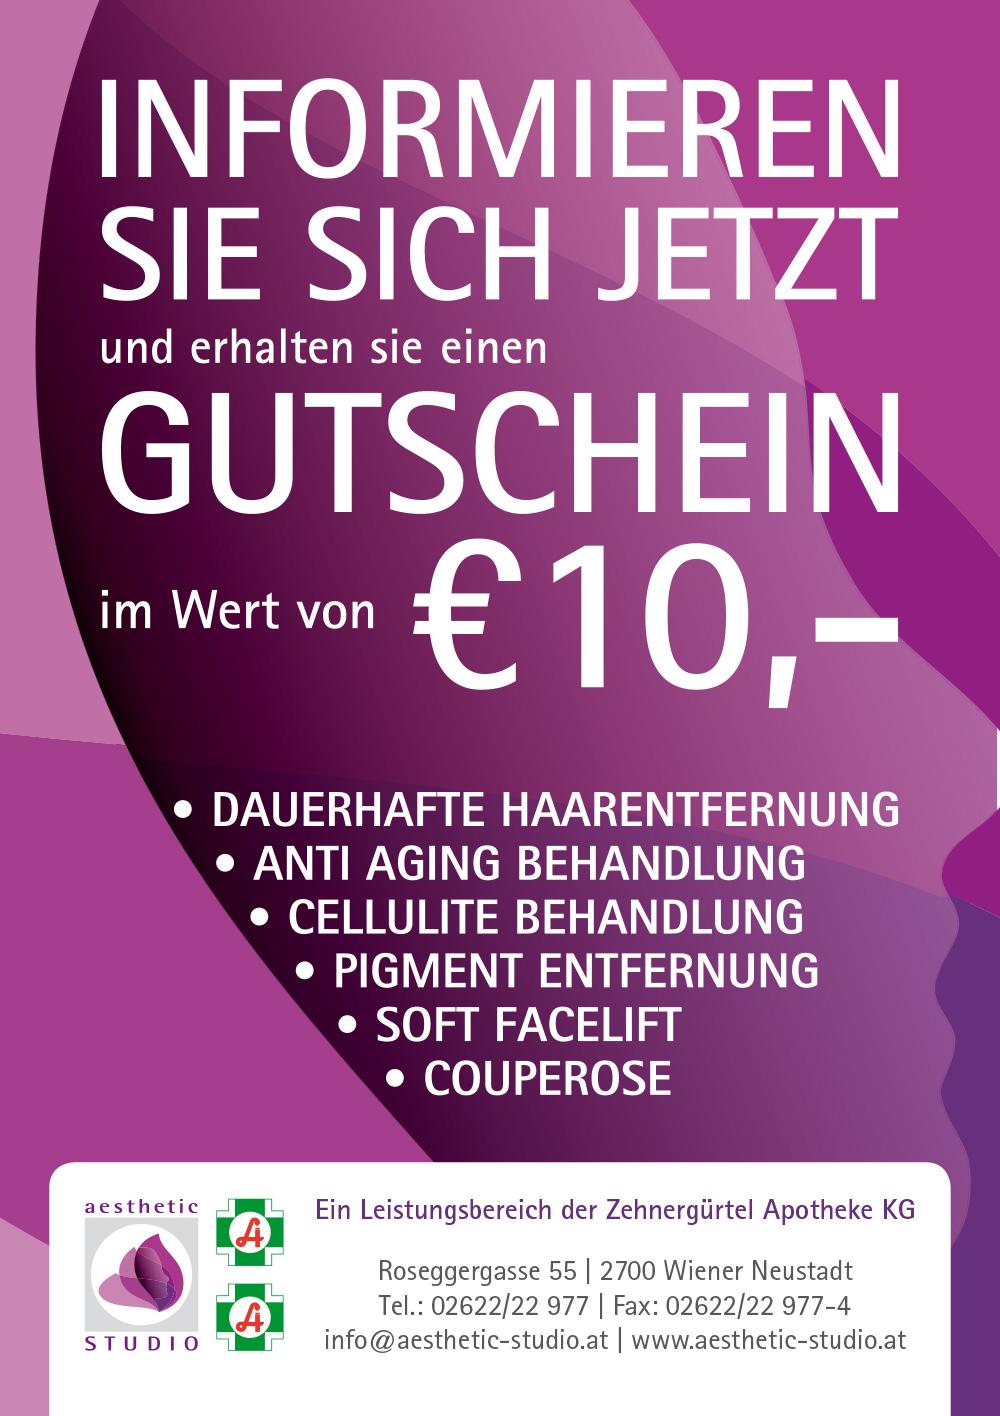 Aktueller Gutschein 10€